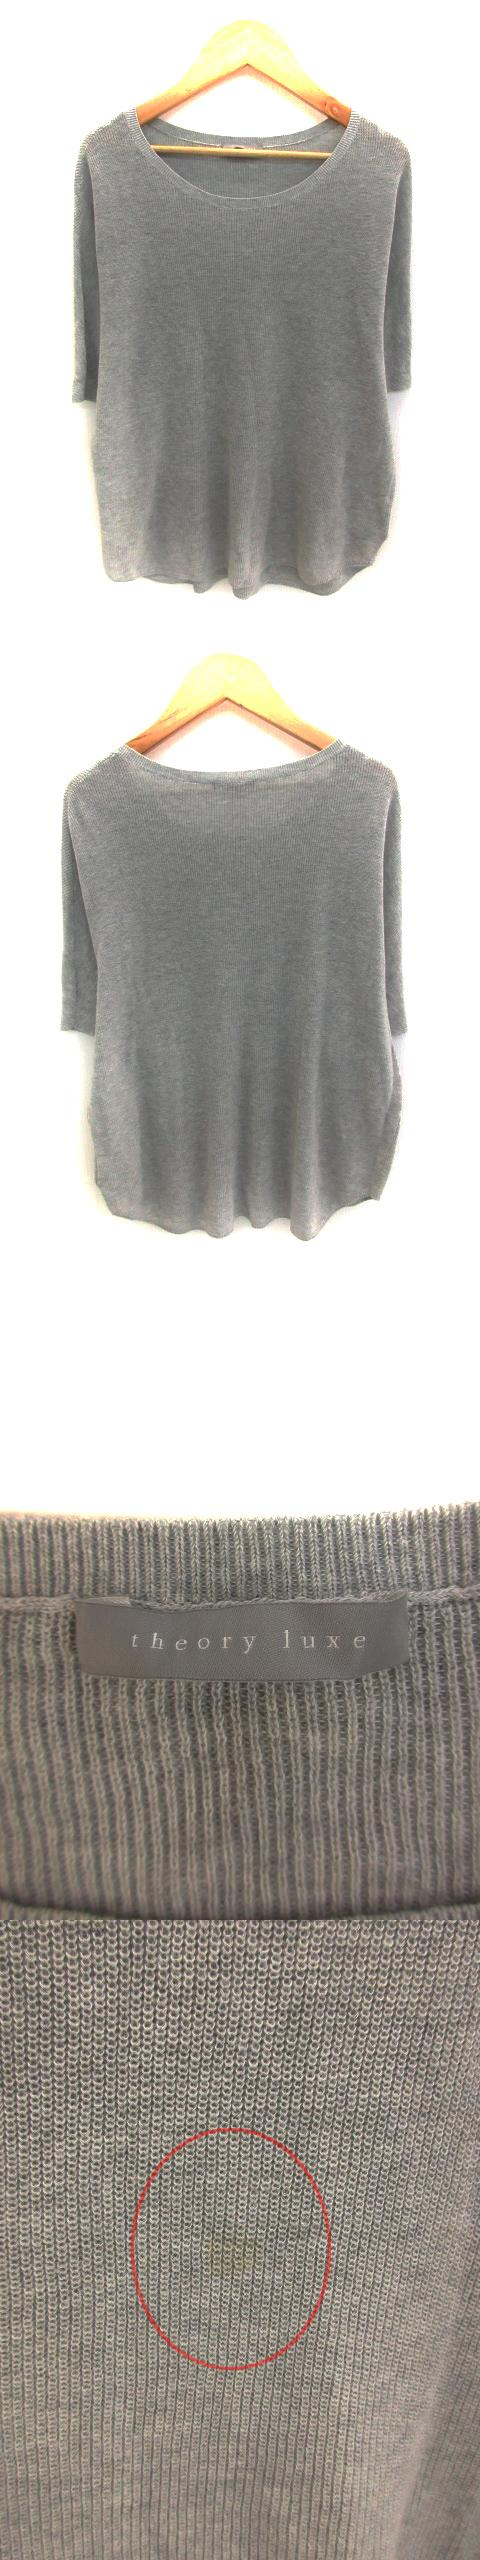 ニット カットソー ラウンドネック 半袖 透け感 38 ライトグレー /NS11